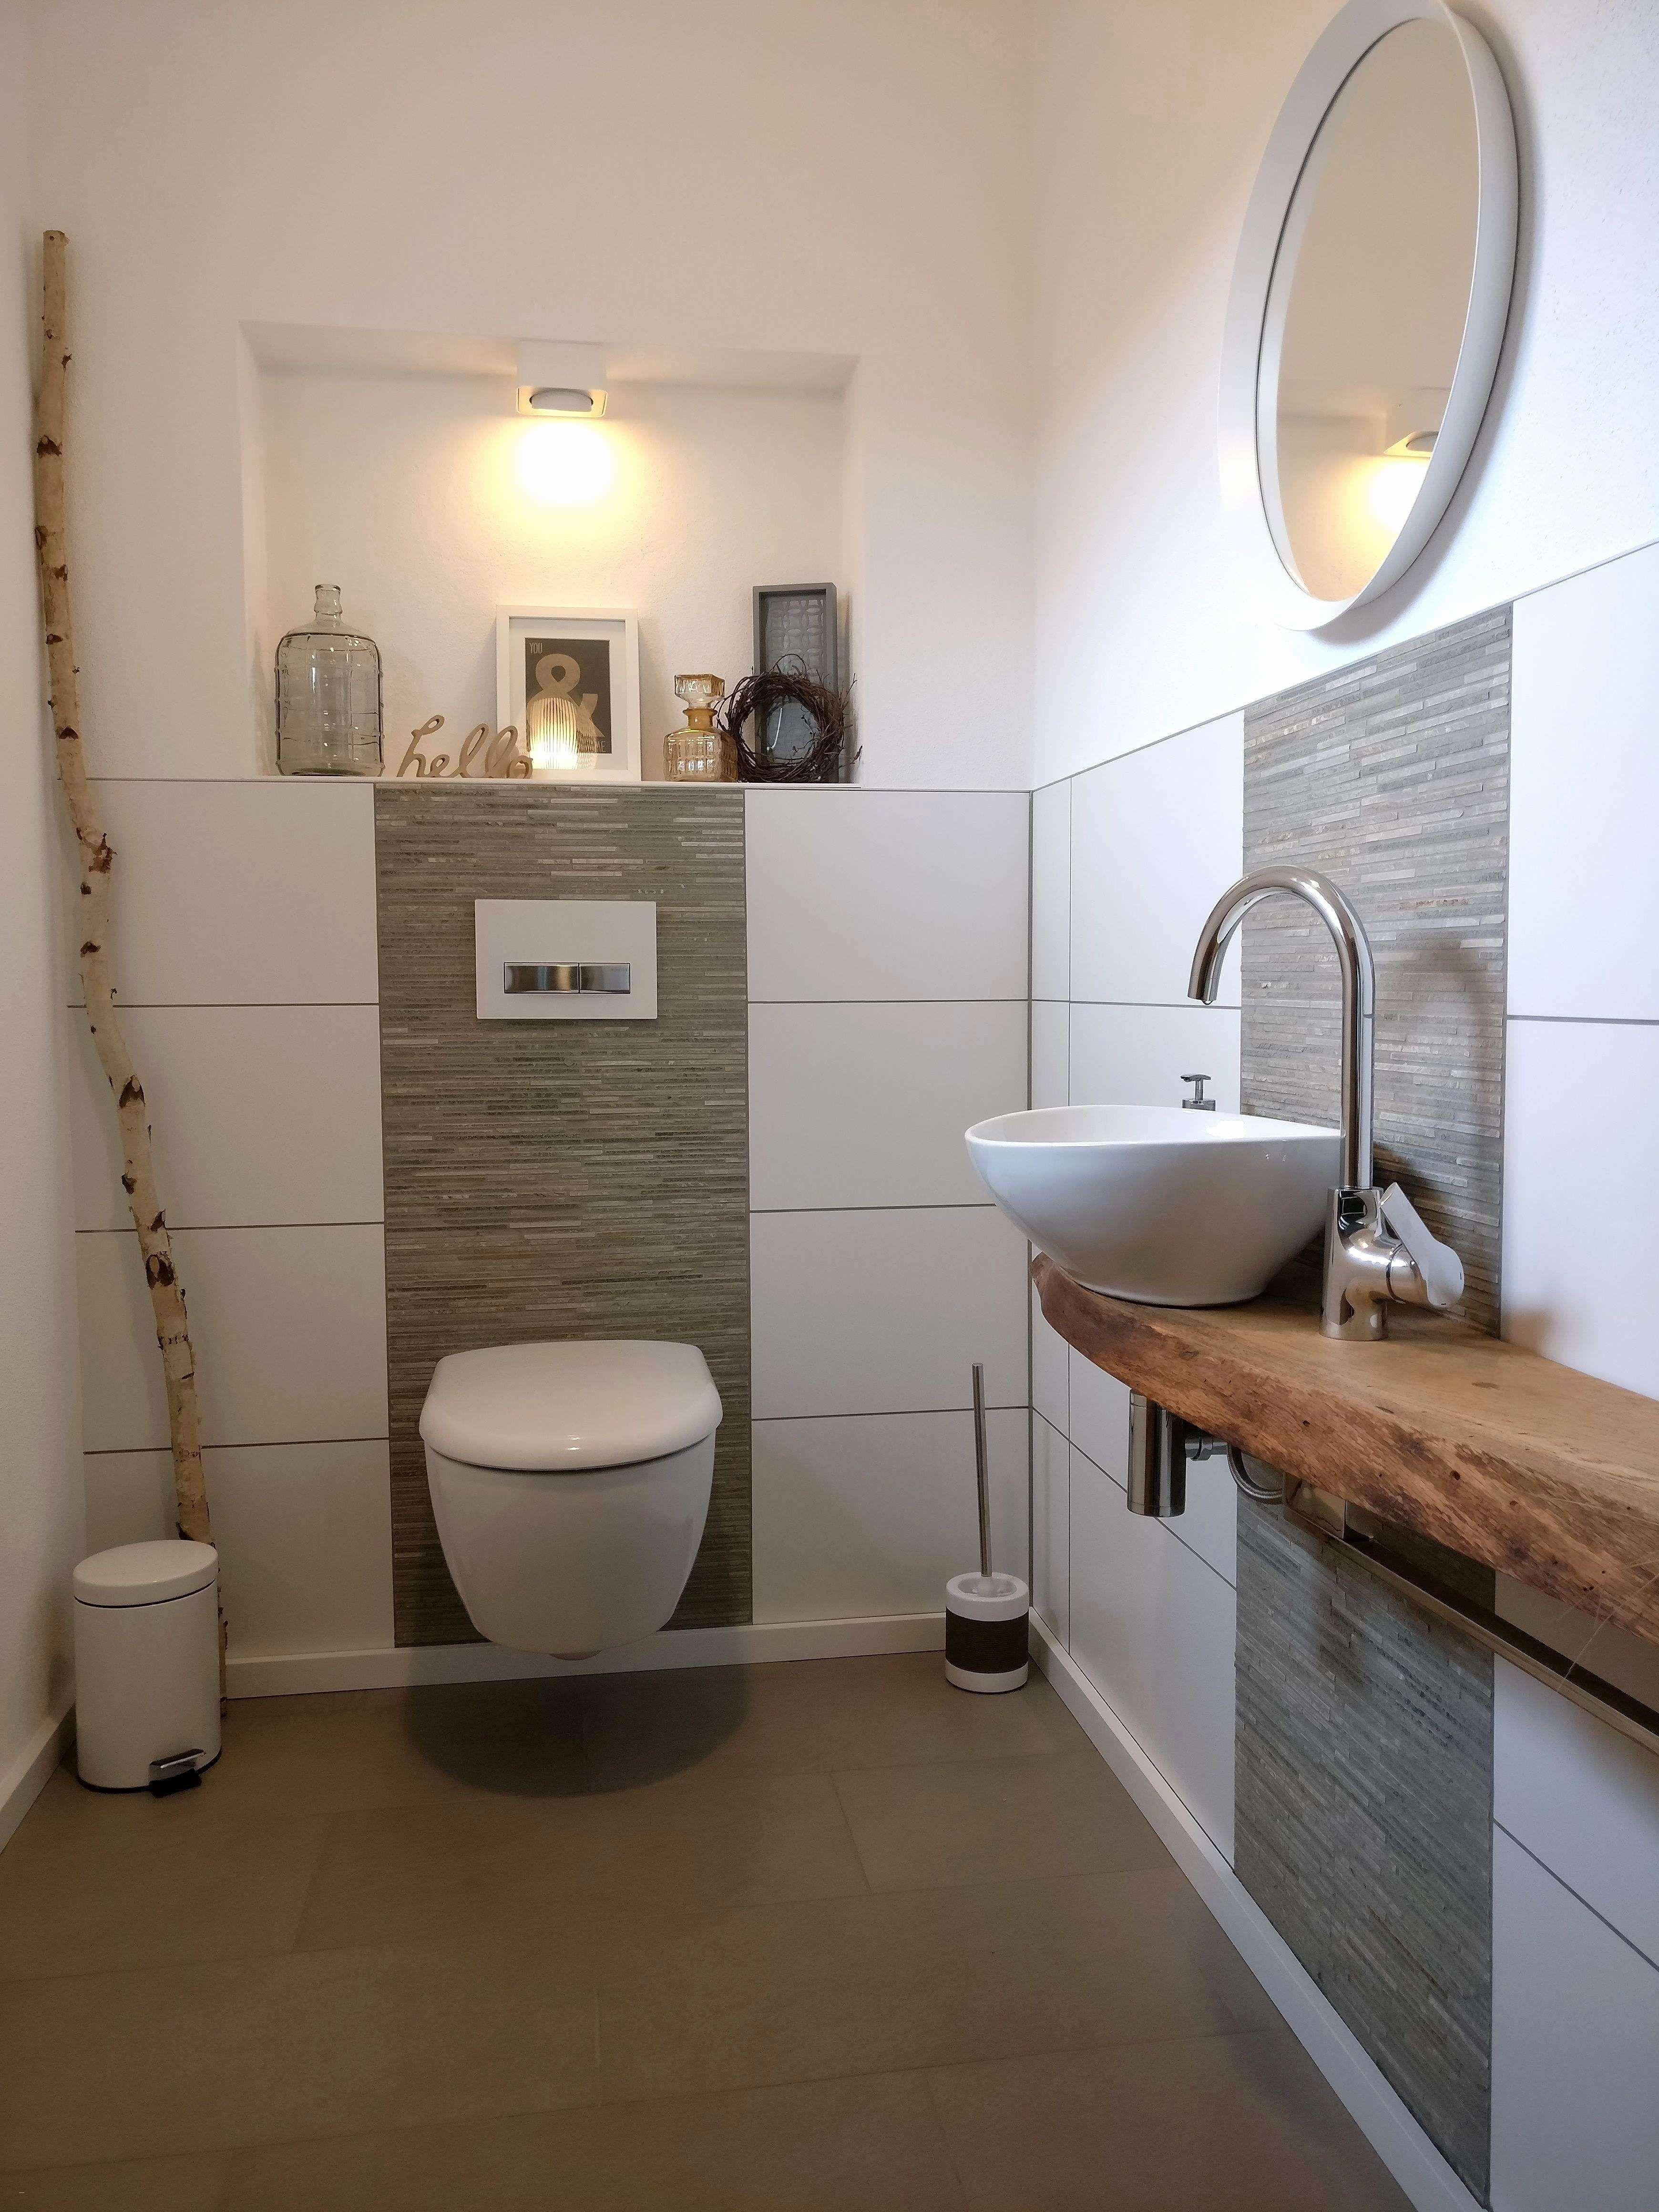 7 Badezimmer Modern Gestalten Einzigartig Beeindruckend Eintagamsee Badezimmer Fliesen Ideen Bilder Kleine Gaste Wc Kleines Bad Fliesen